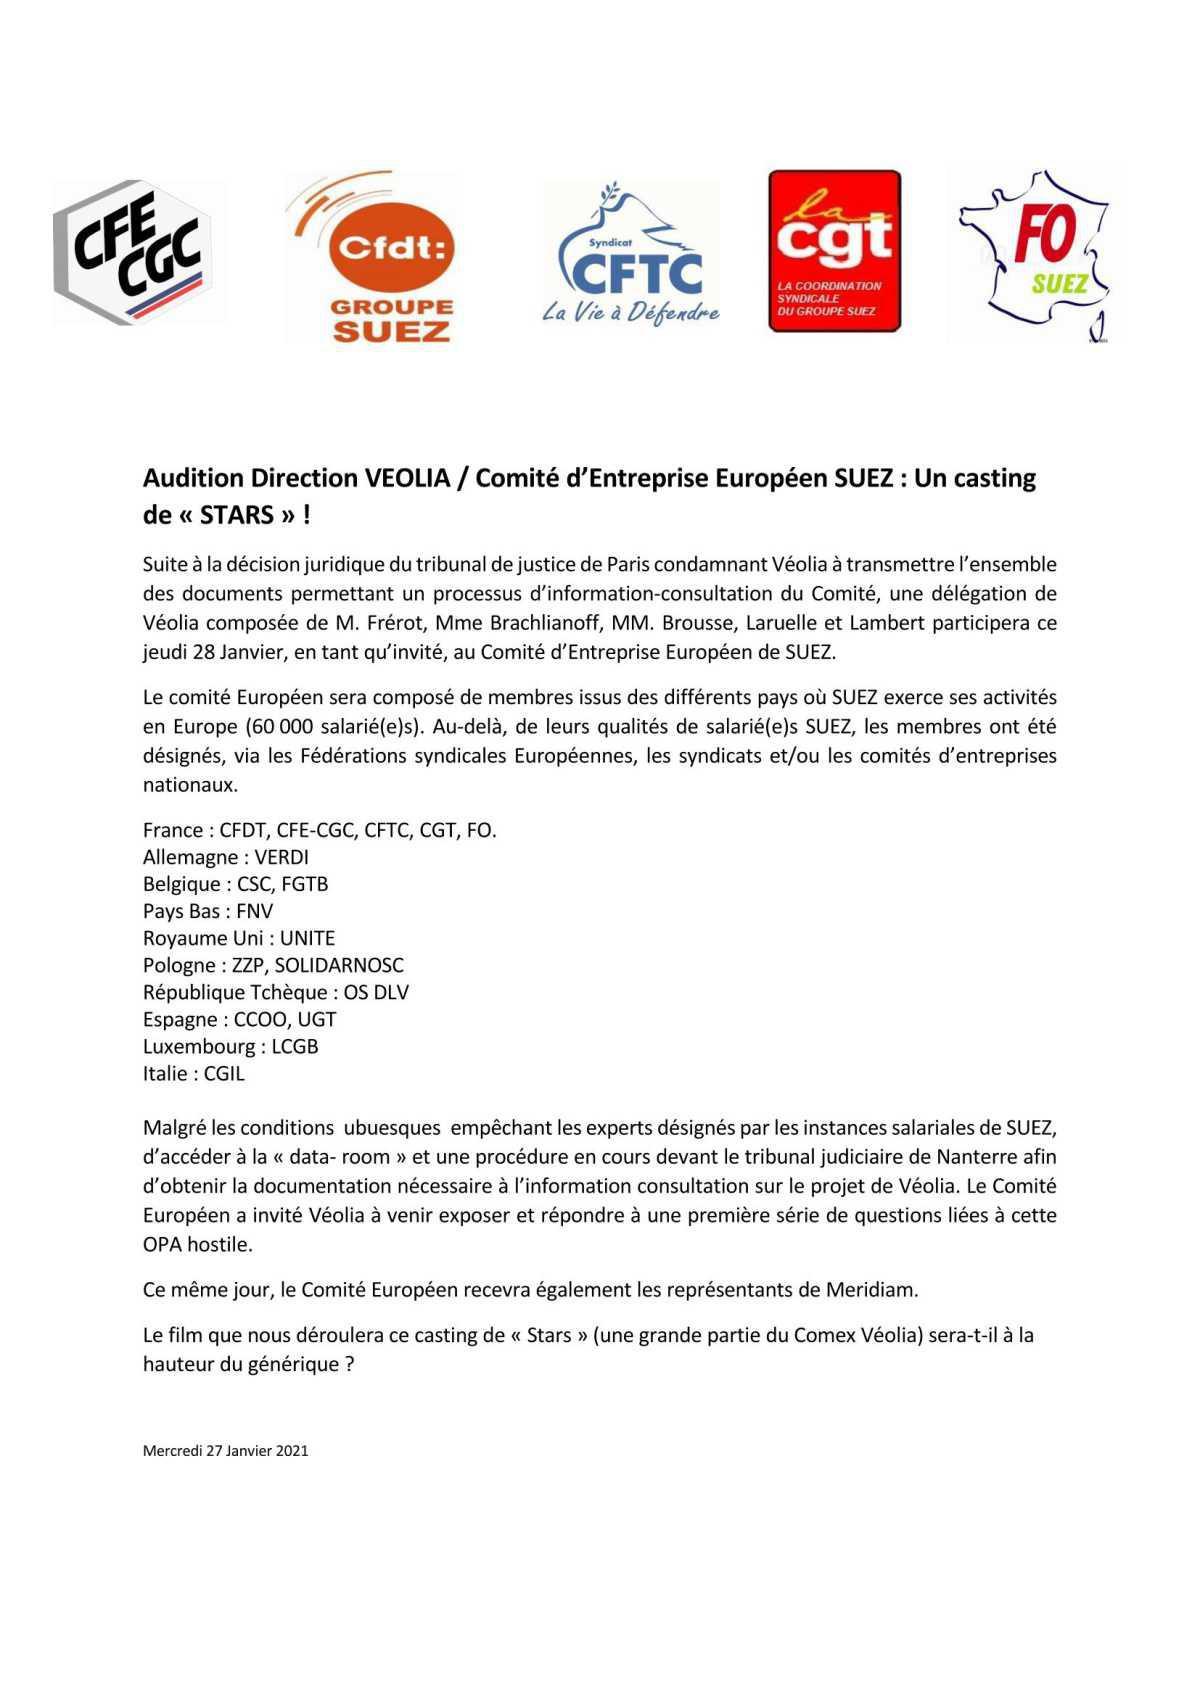 Audition Direction VEOLIA / Comité d'Entreprise Européen SUEZ : Un casting de « STARS » !